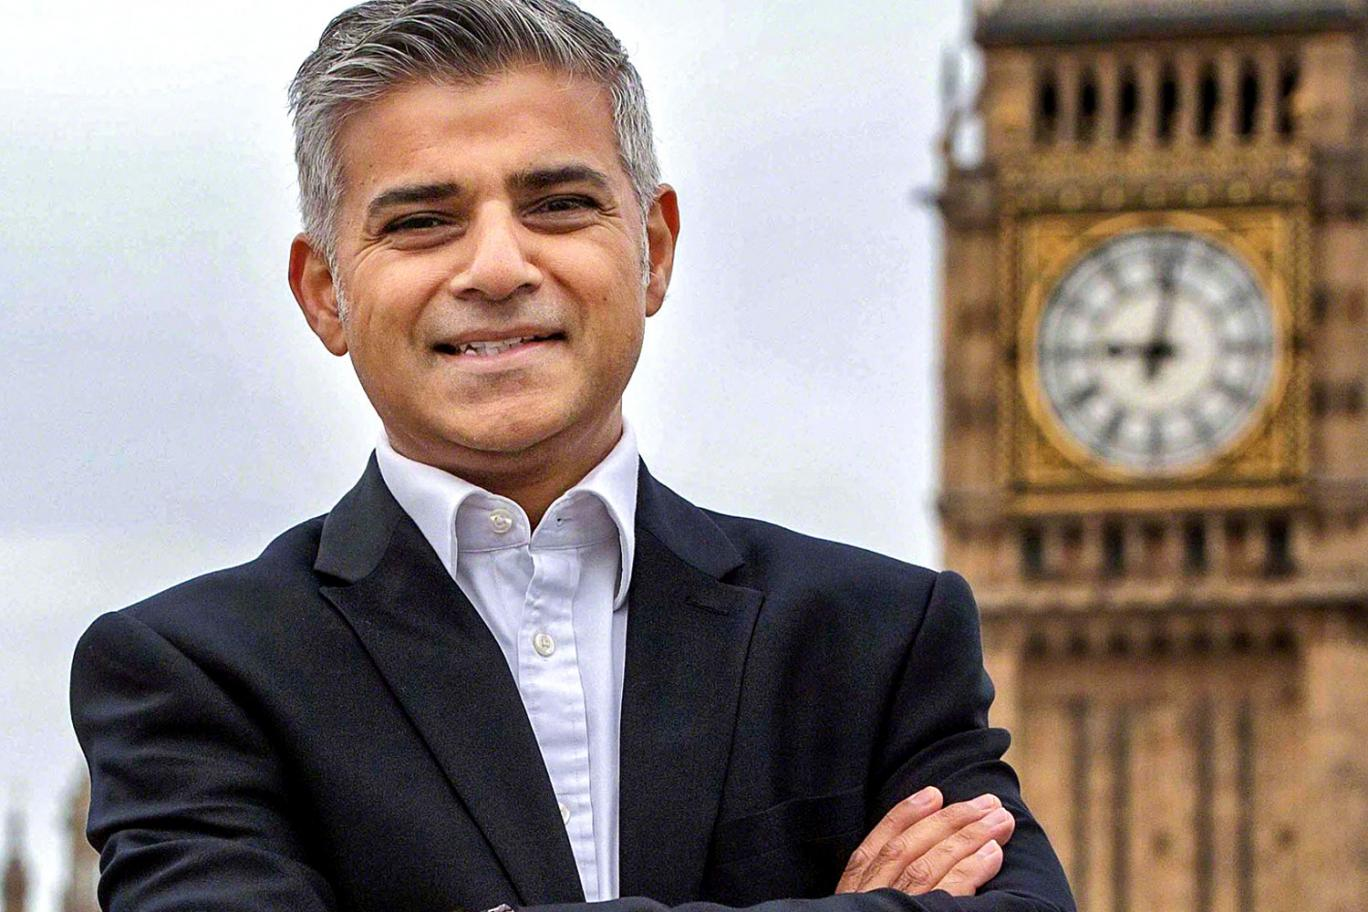 United Kingdom: Sadiq Khan elected Mayor of London   Dilemma X Sadiq Khan